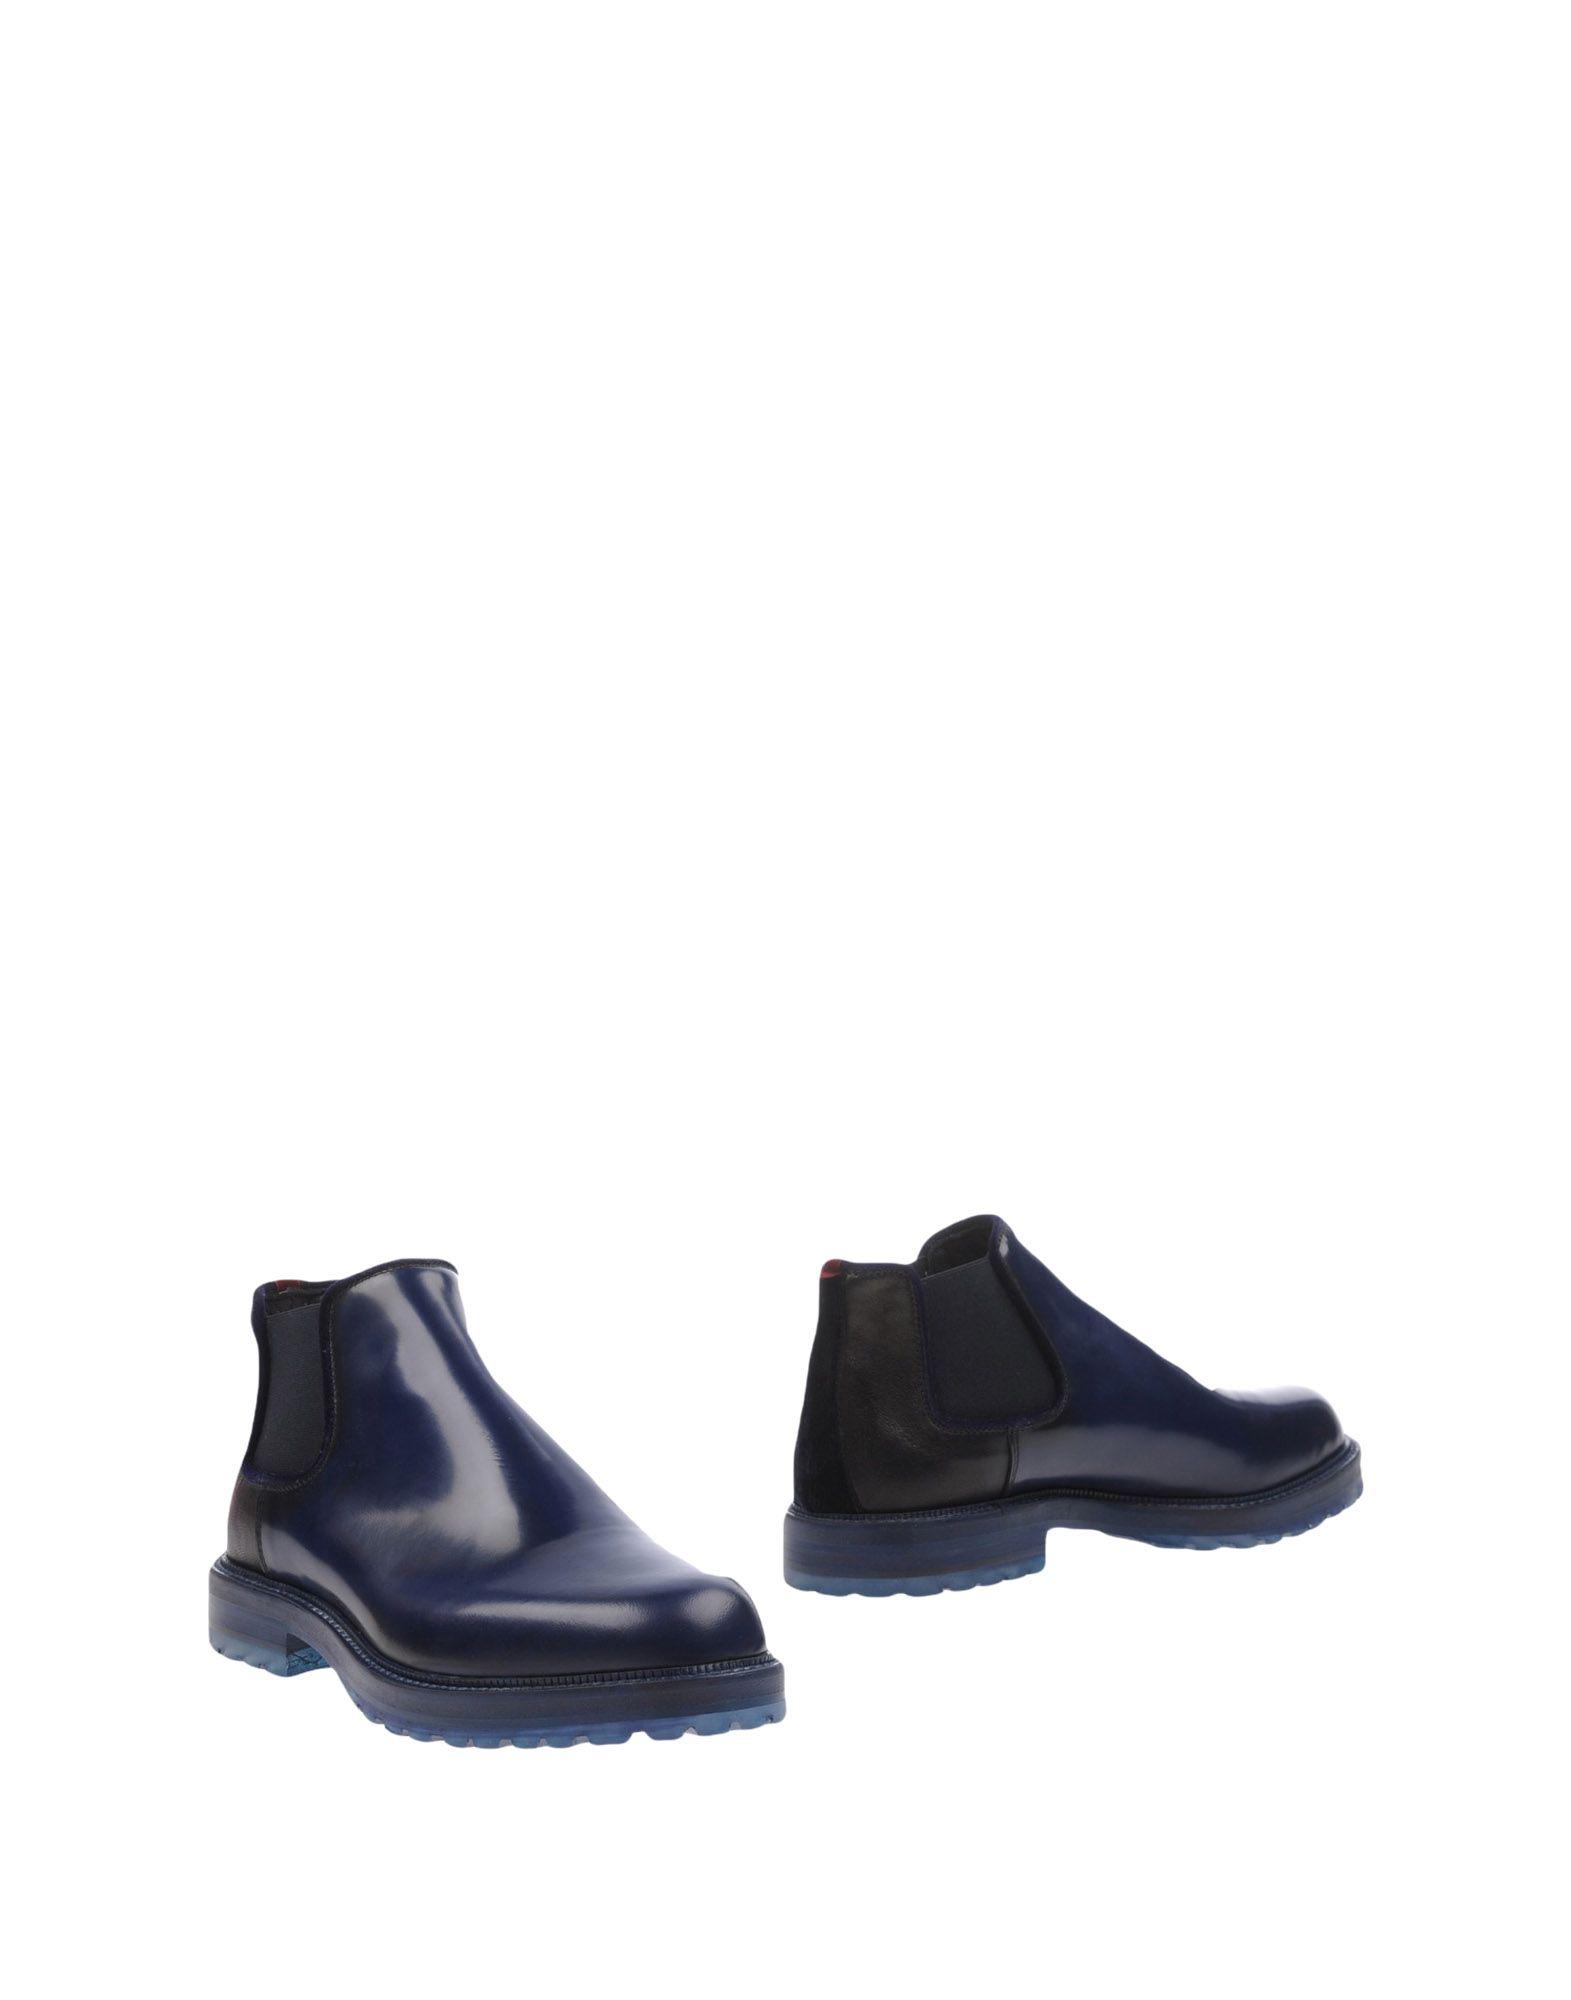 ATTIMONELLI'S Полусапоги и высокие ботинки купить футбольную форму челси торрес